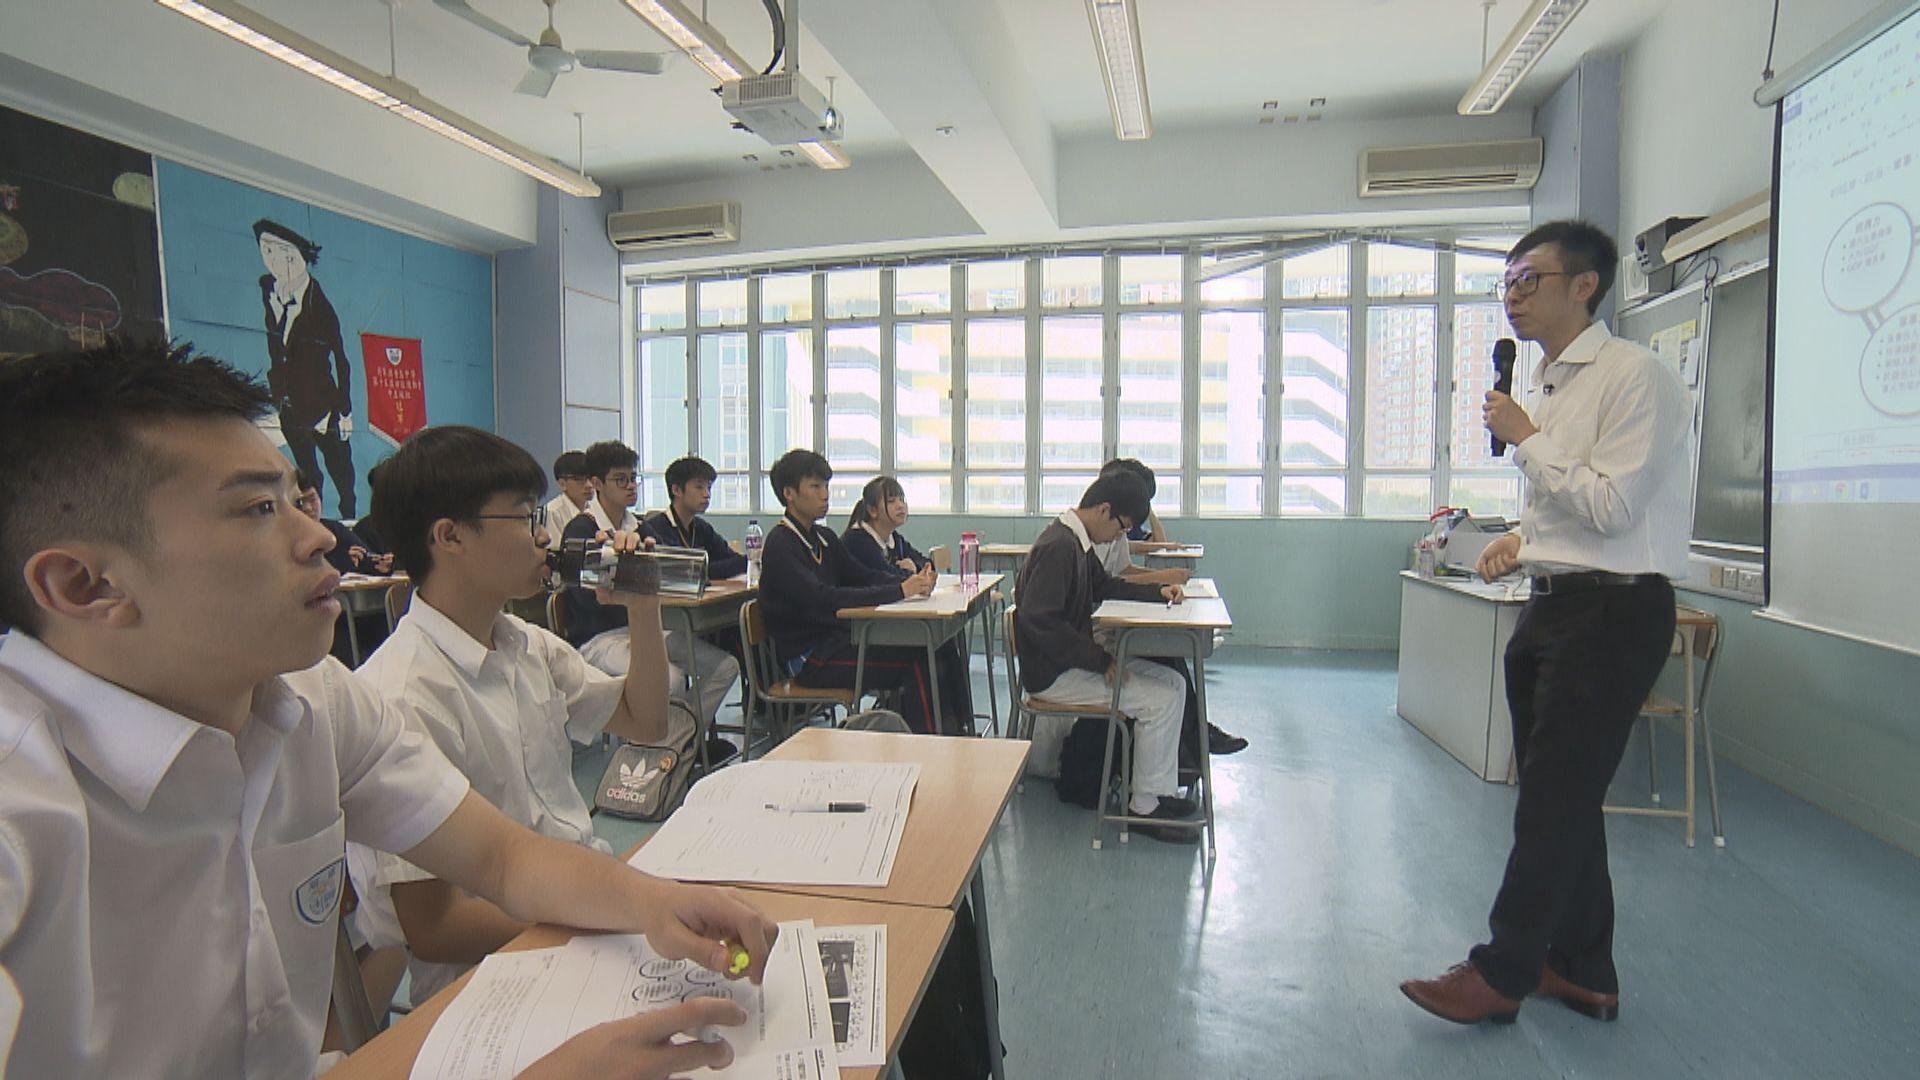 新入職教師須修讀至少90小時的培訓課程